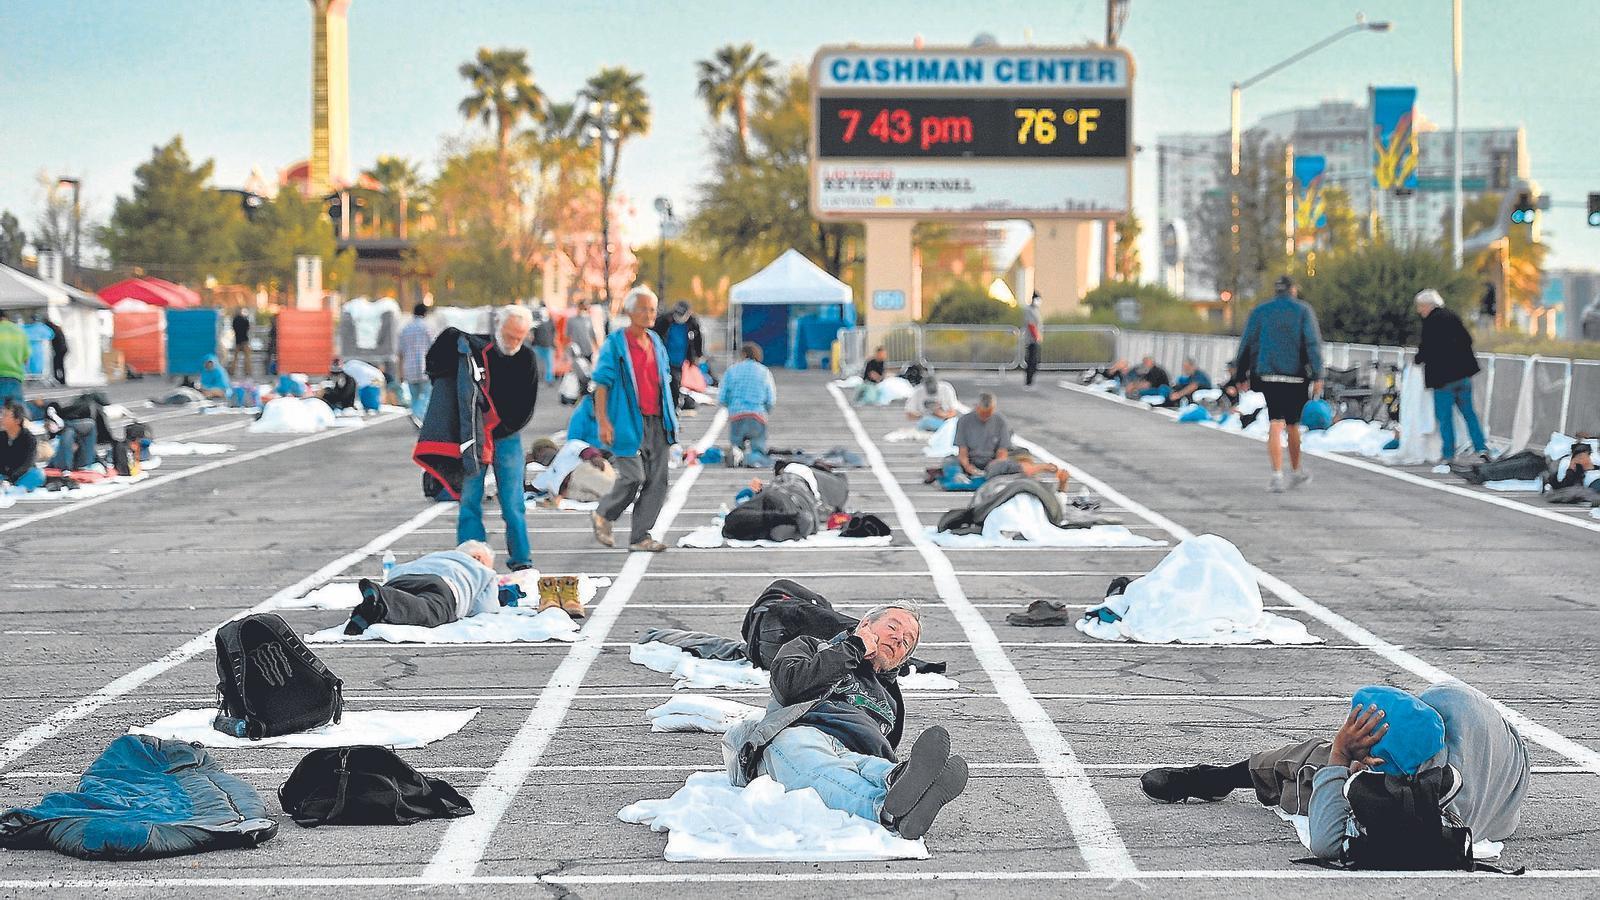 Desenes de persones sense llar es preparen per dormir en l'aparcament que Las Vegas ha reservat per a ells, marcat amb línies perquè mantinguin  la distància